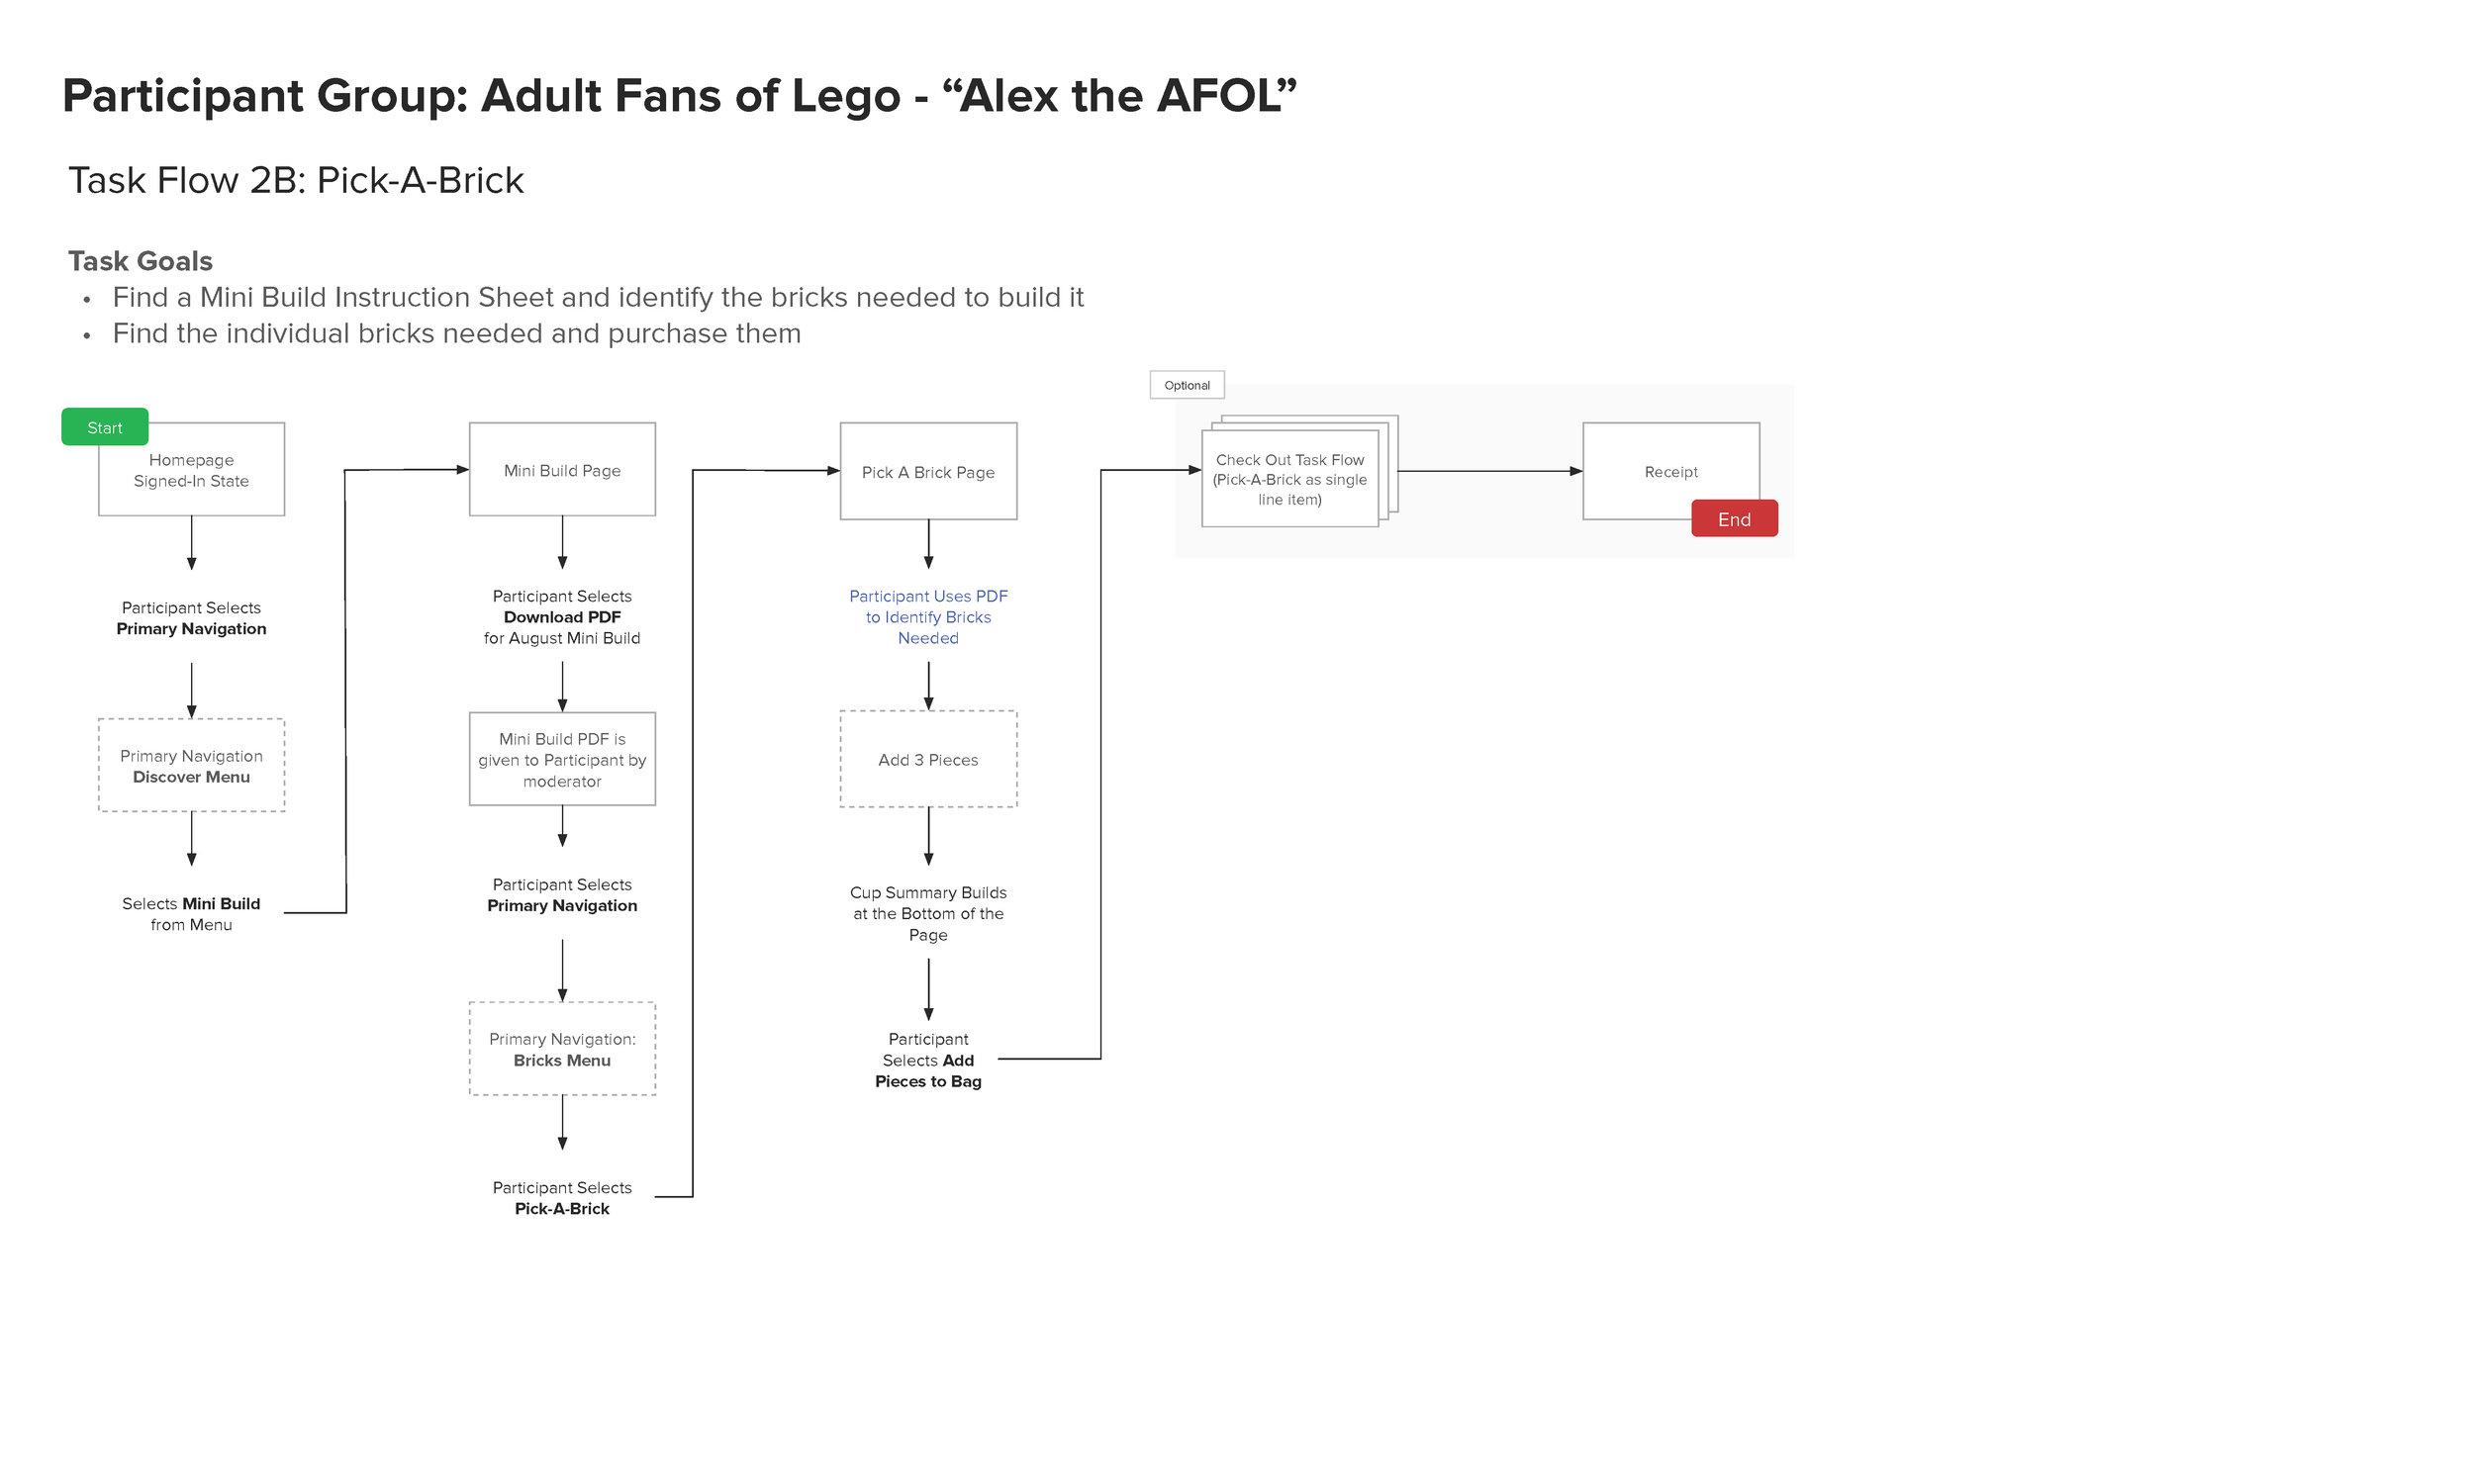 Task Flow Sample: Adult Fans of Lego